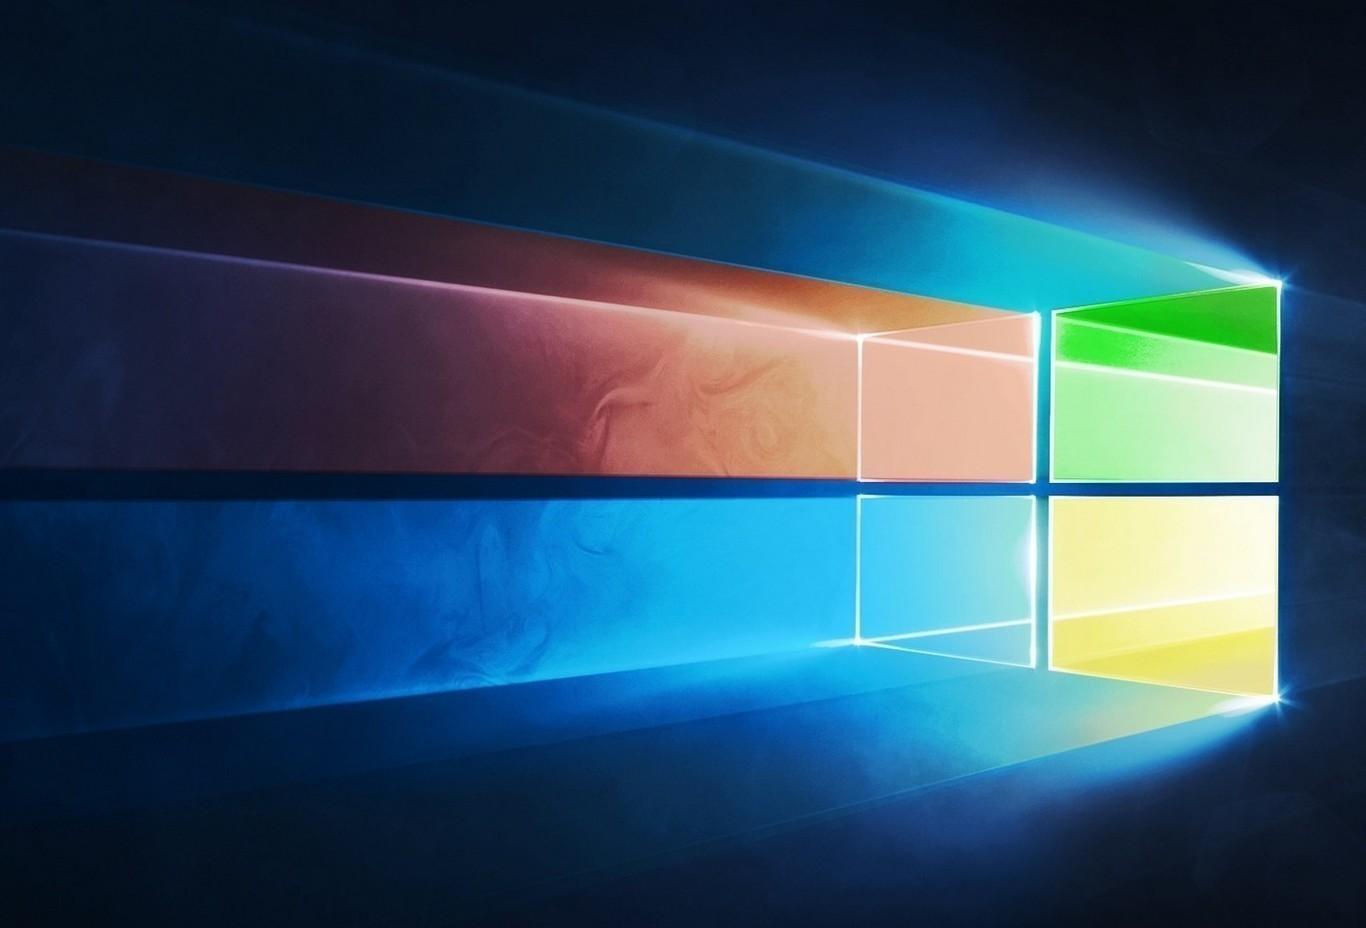 Windows 10 October 2018 Update vuelve a la línea de salida: Microsoft relanza una de sus actualizaciones más problemáticas